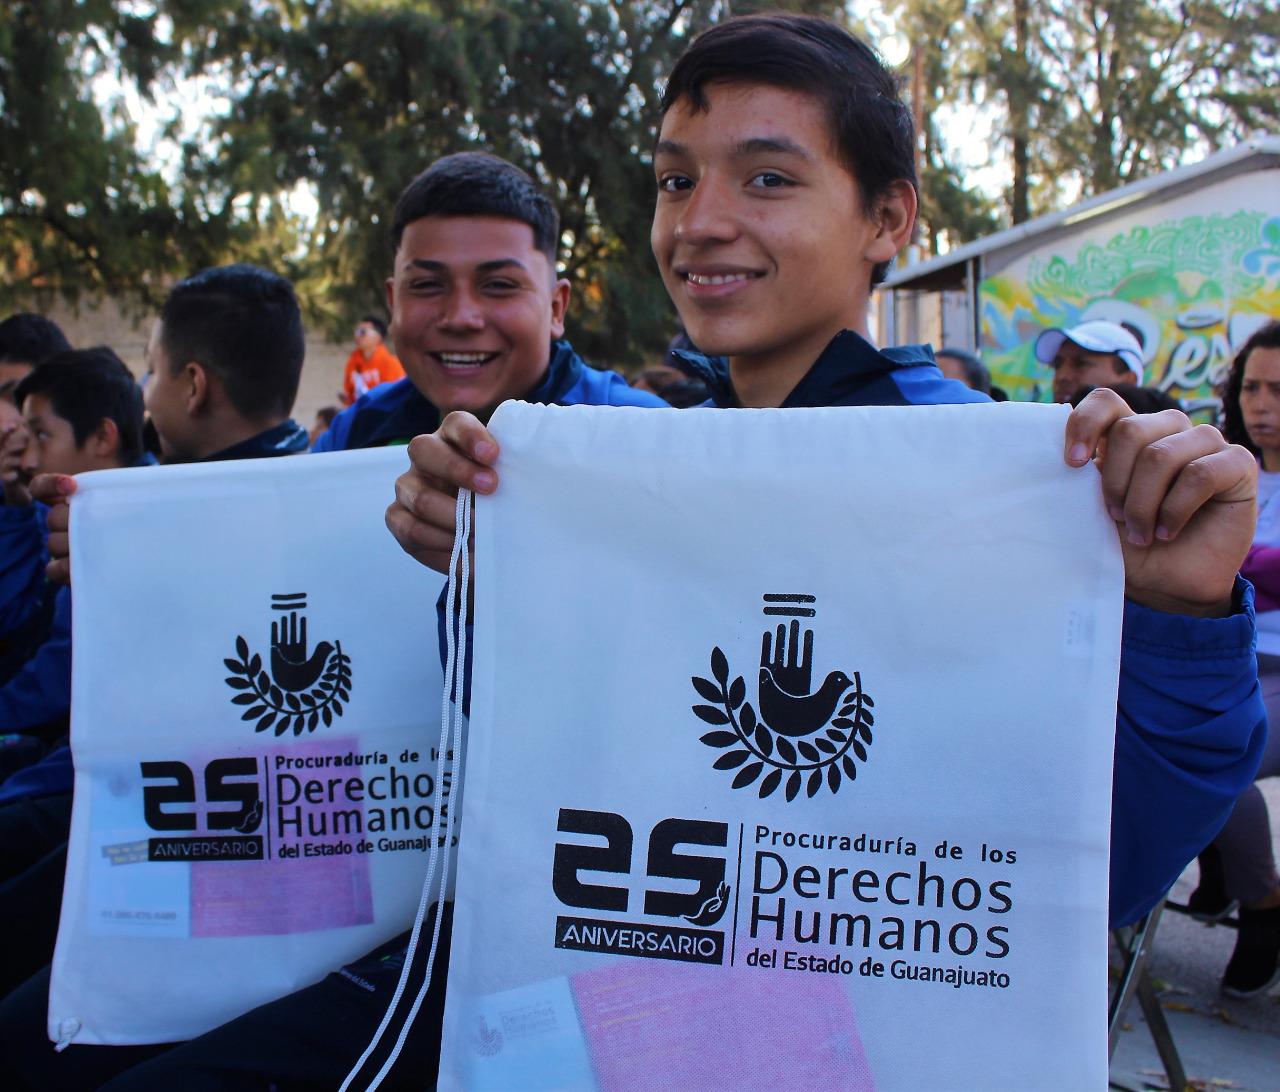 SEG y Procuraduría de los Derechos Humanos suman esfuerzos esfuerzos por la paz 1